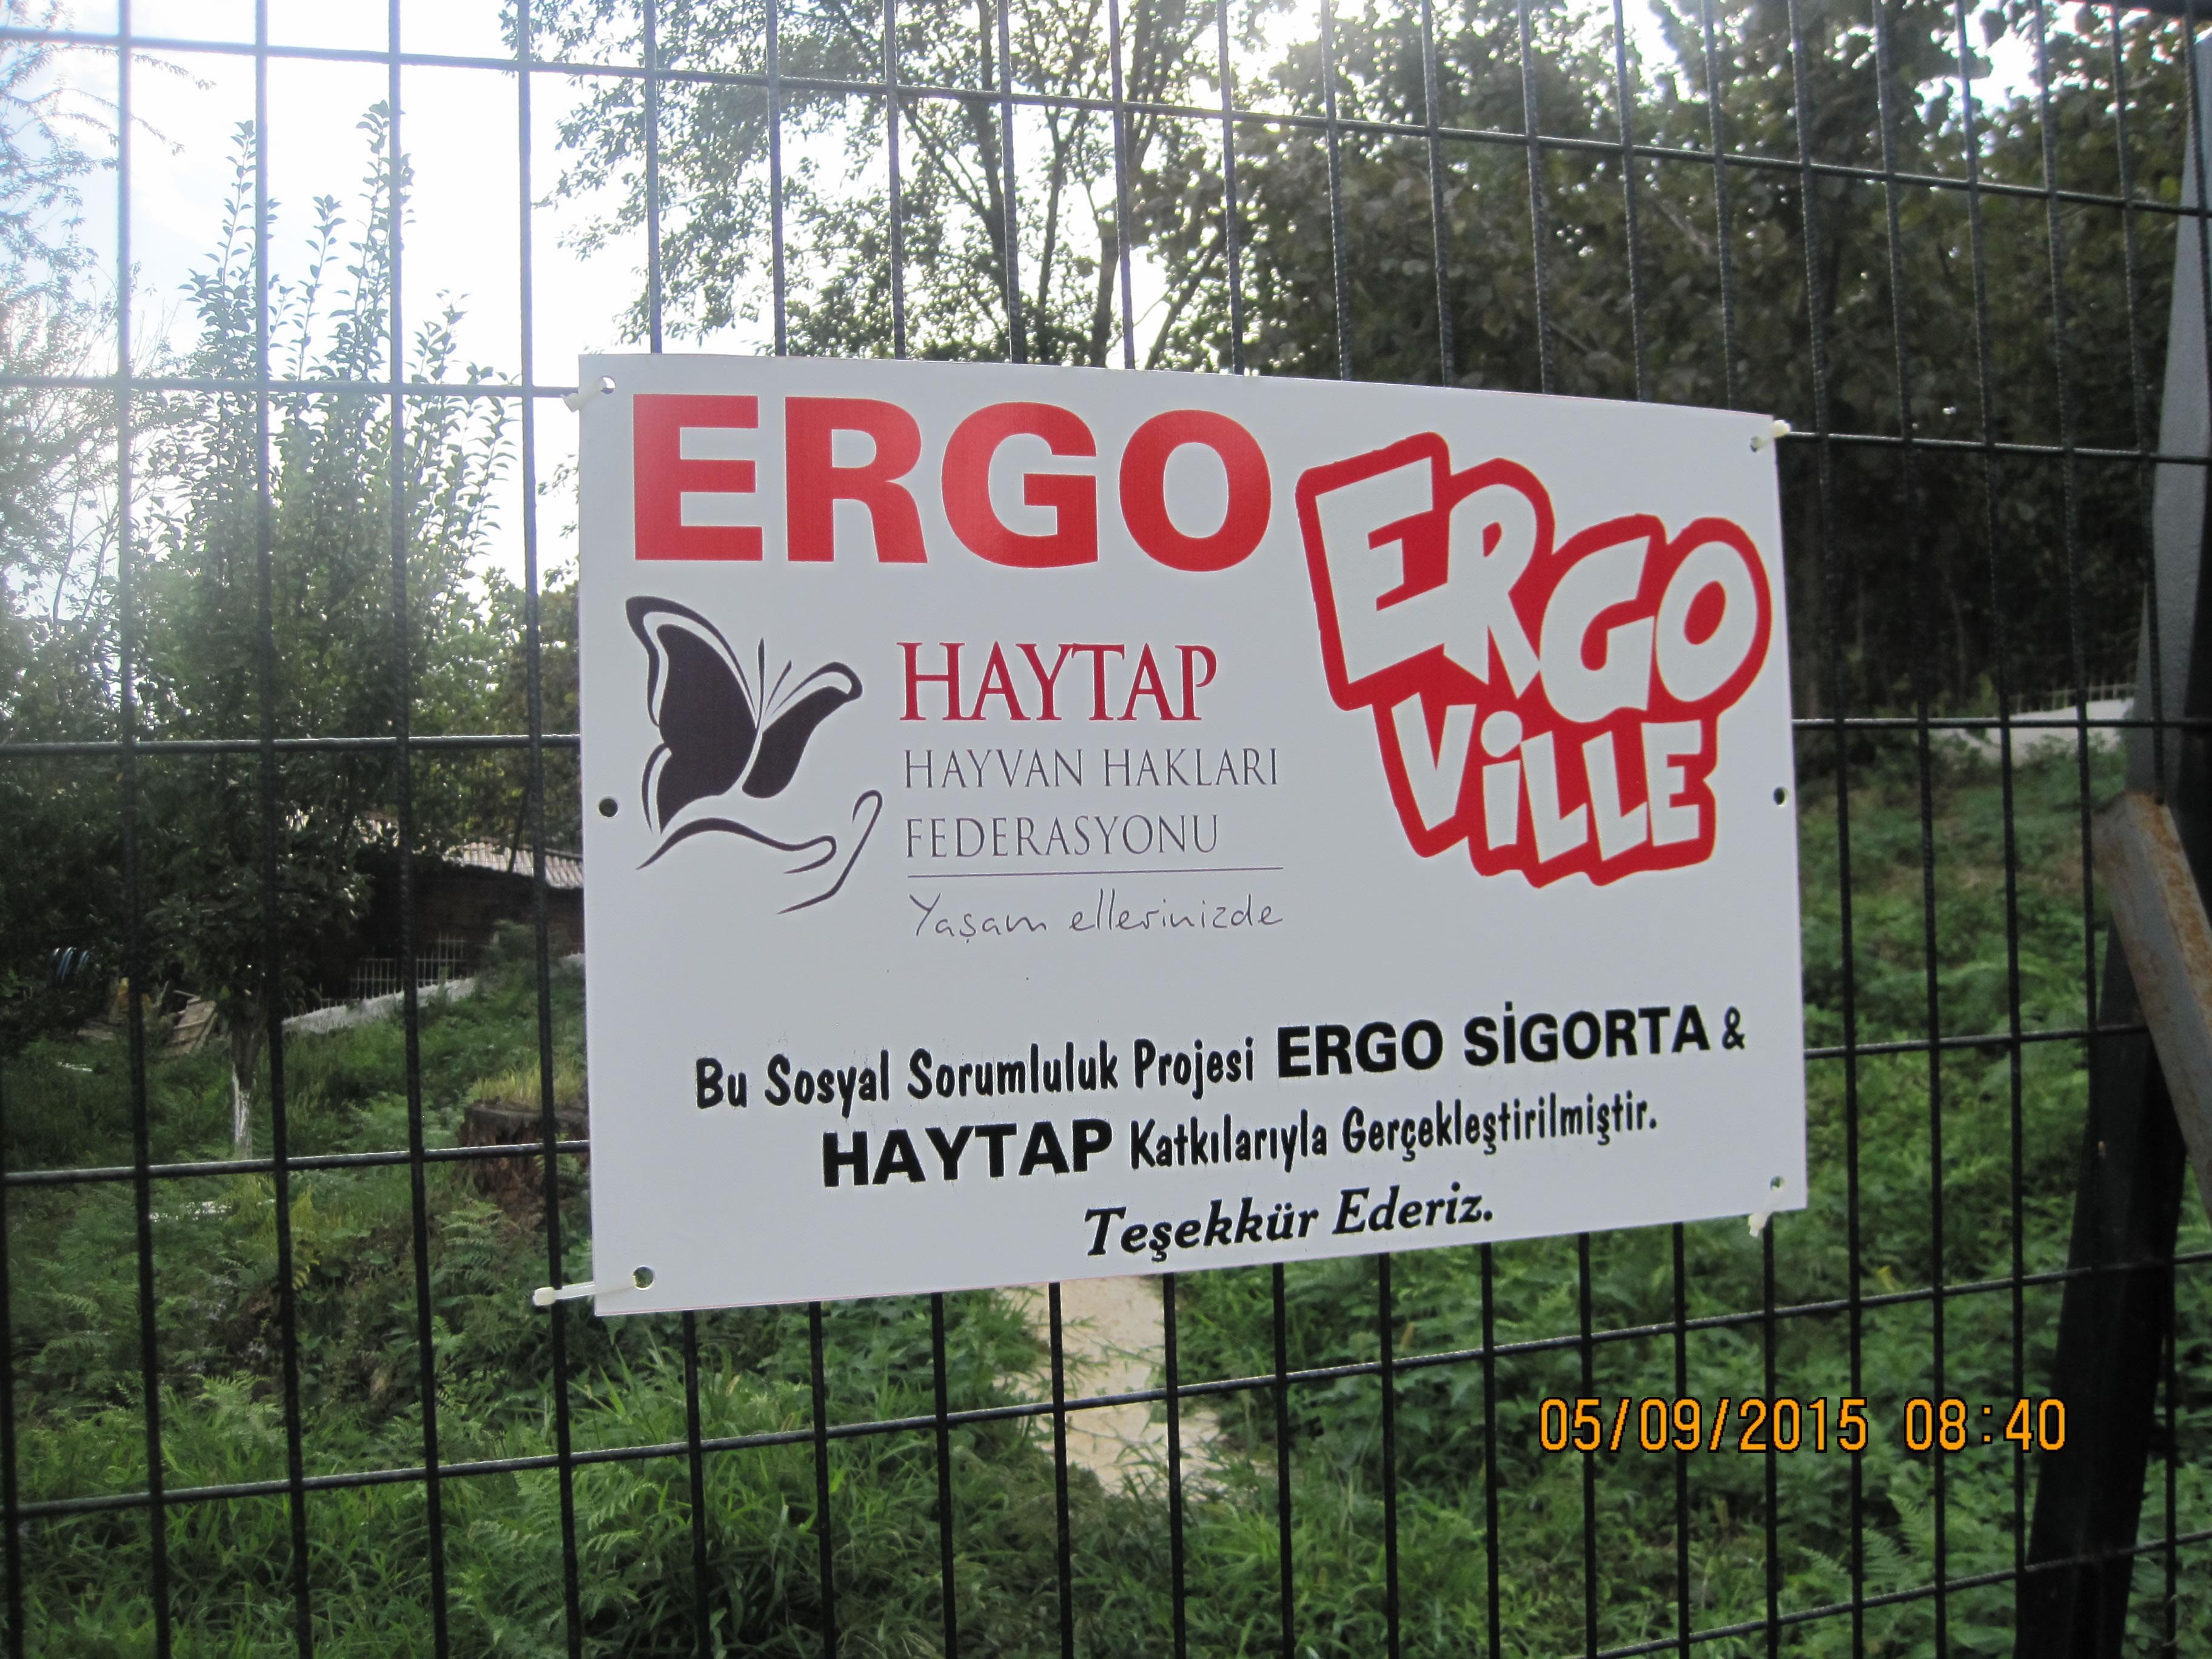 Ergo Sigorta'nın ERGOVILLE Oyunu Sanal ,   Dostlarımızın Doyması ise  Gerçek !